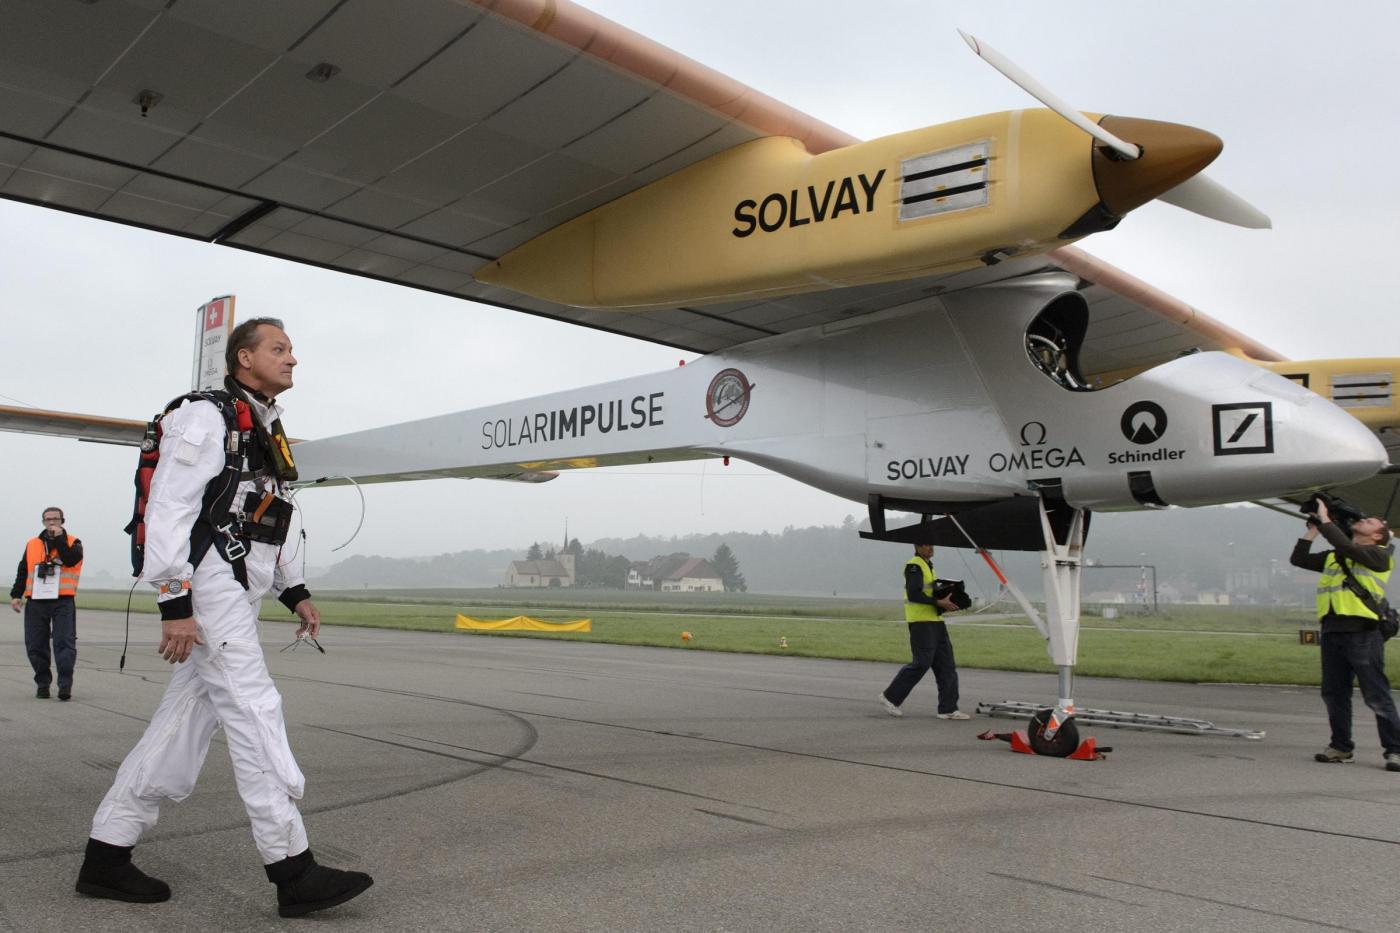 Decolla Solar Impulse, il primo aereo solare al mondo03